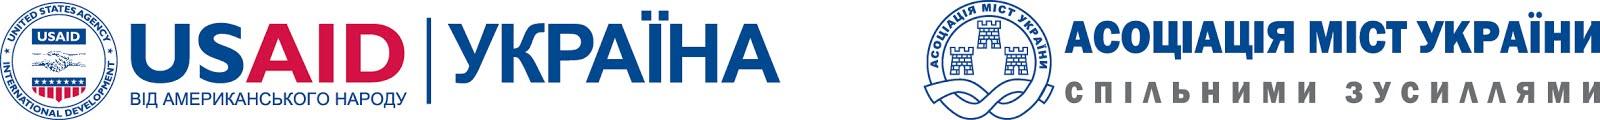 """Діяльність Офісів реформ здійснюється Асоціацією міст України в рамках проекту """"ПУЛЬС"""""""